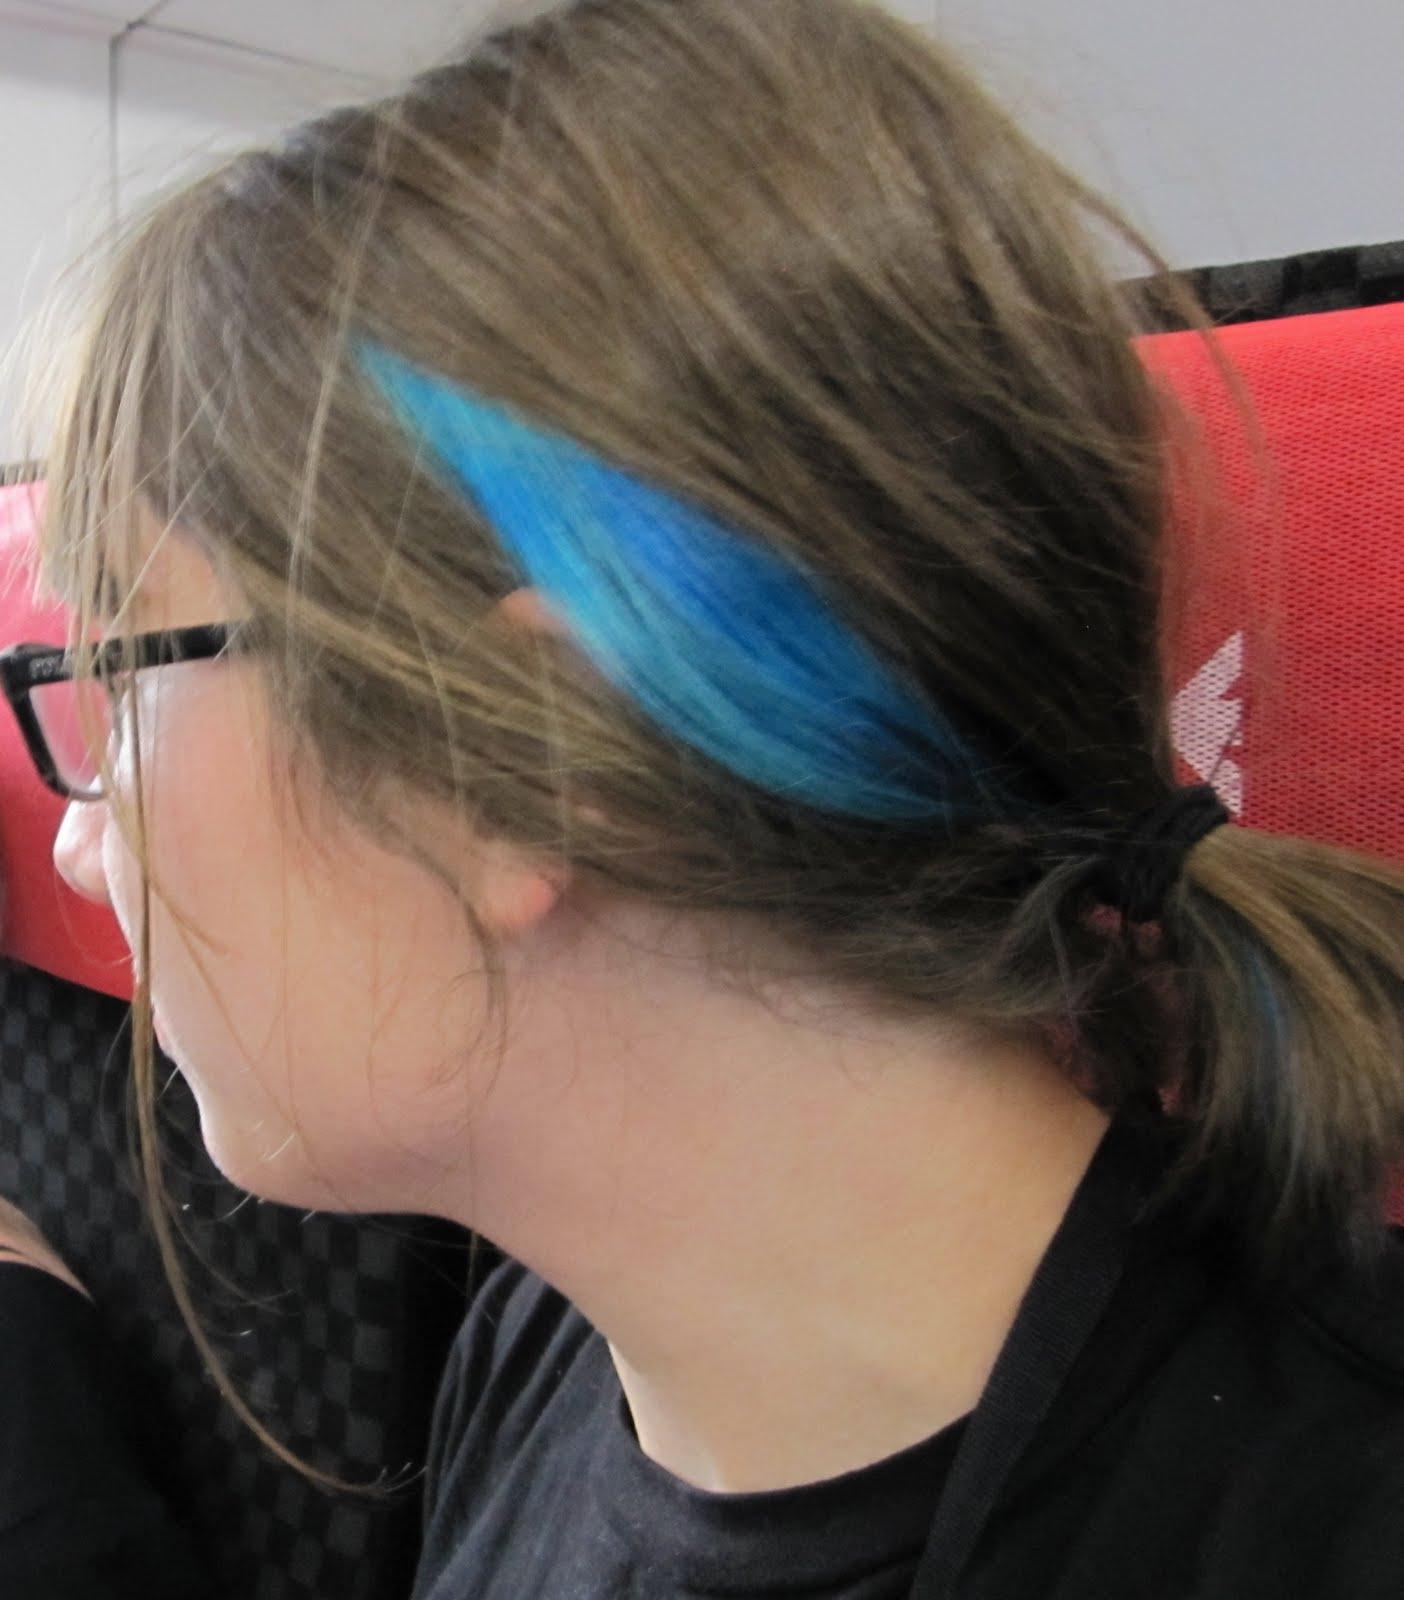 building stuff makin friends hair dye